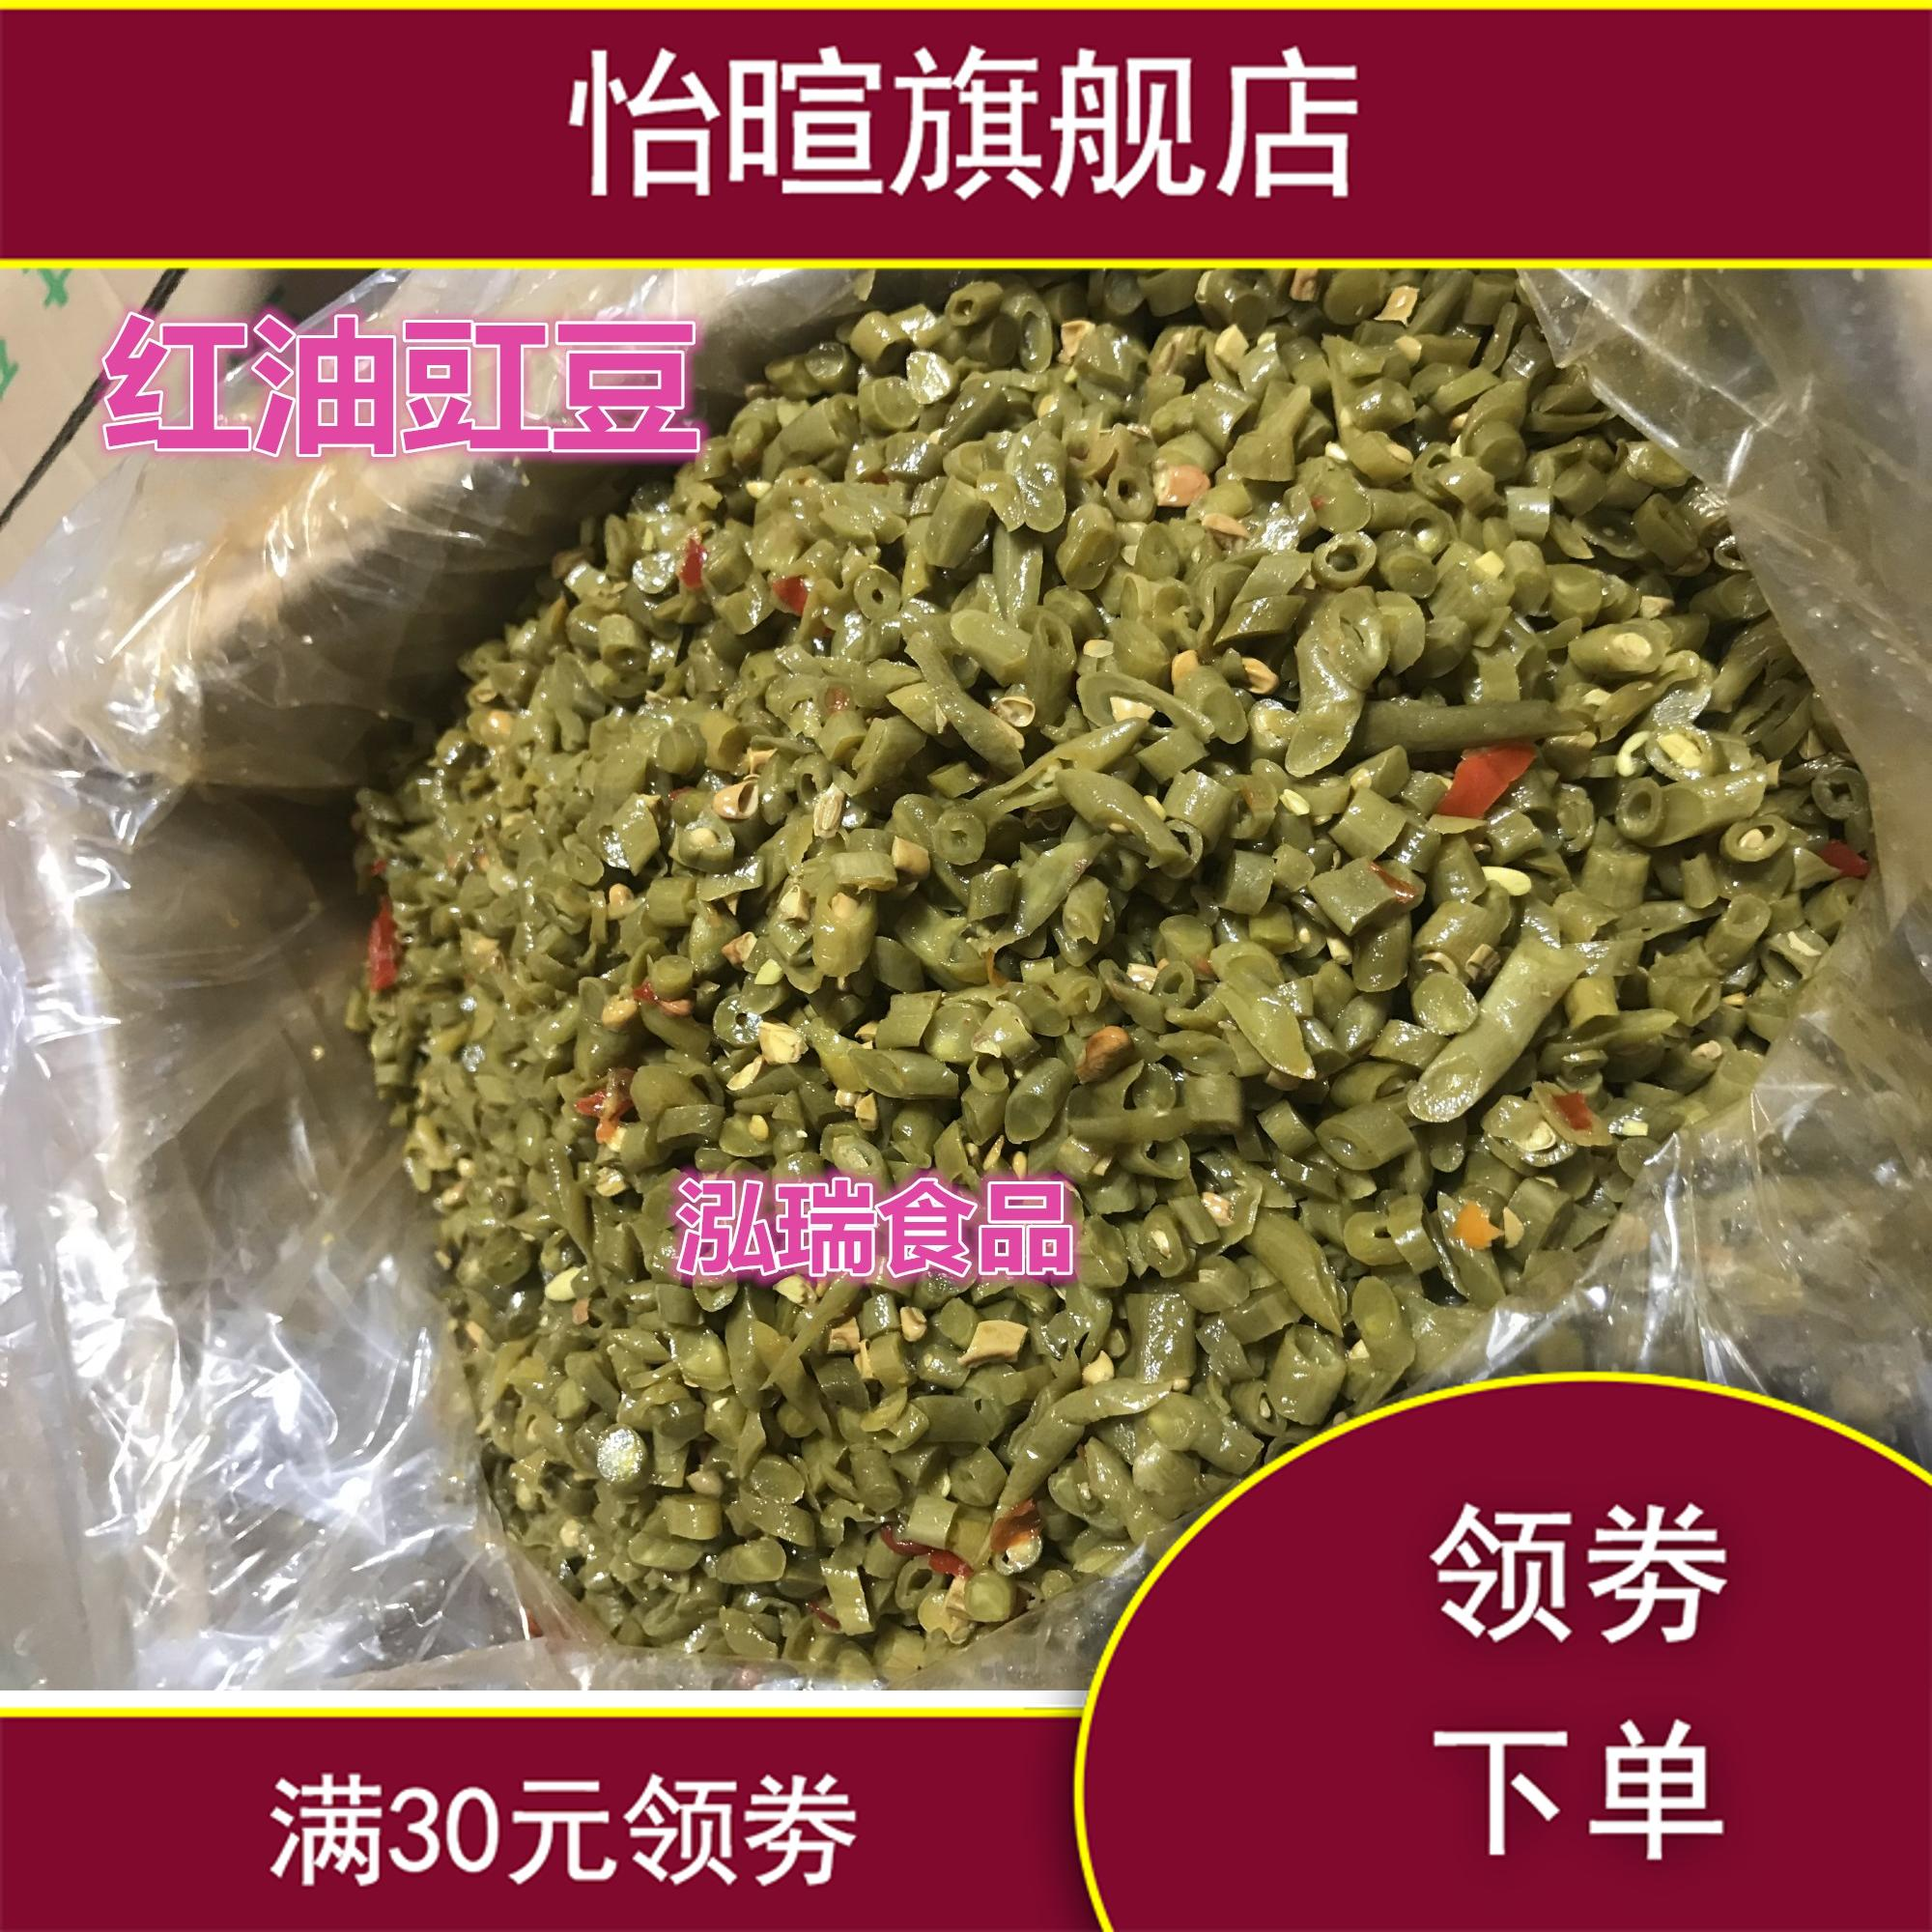 脆辣豇豆沫酸豆角开店常备切好的带箱10斤装泡菜菜下饭